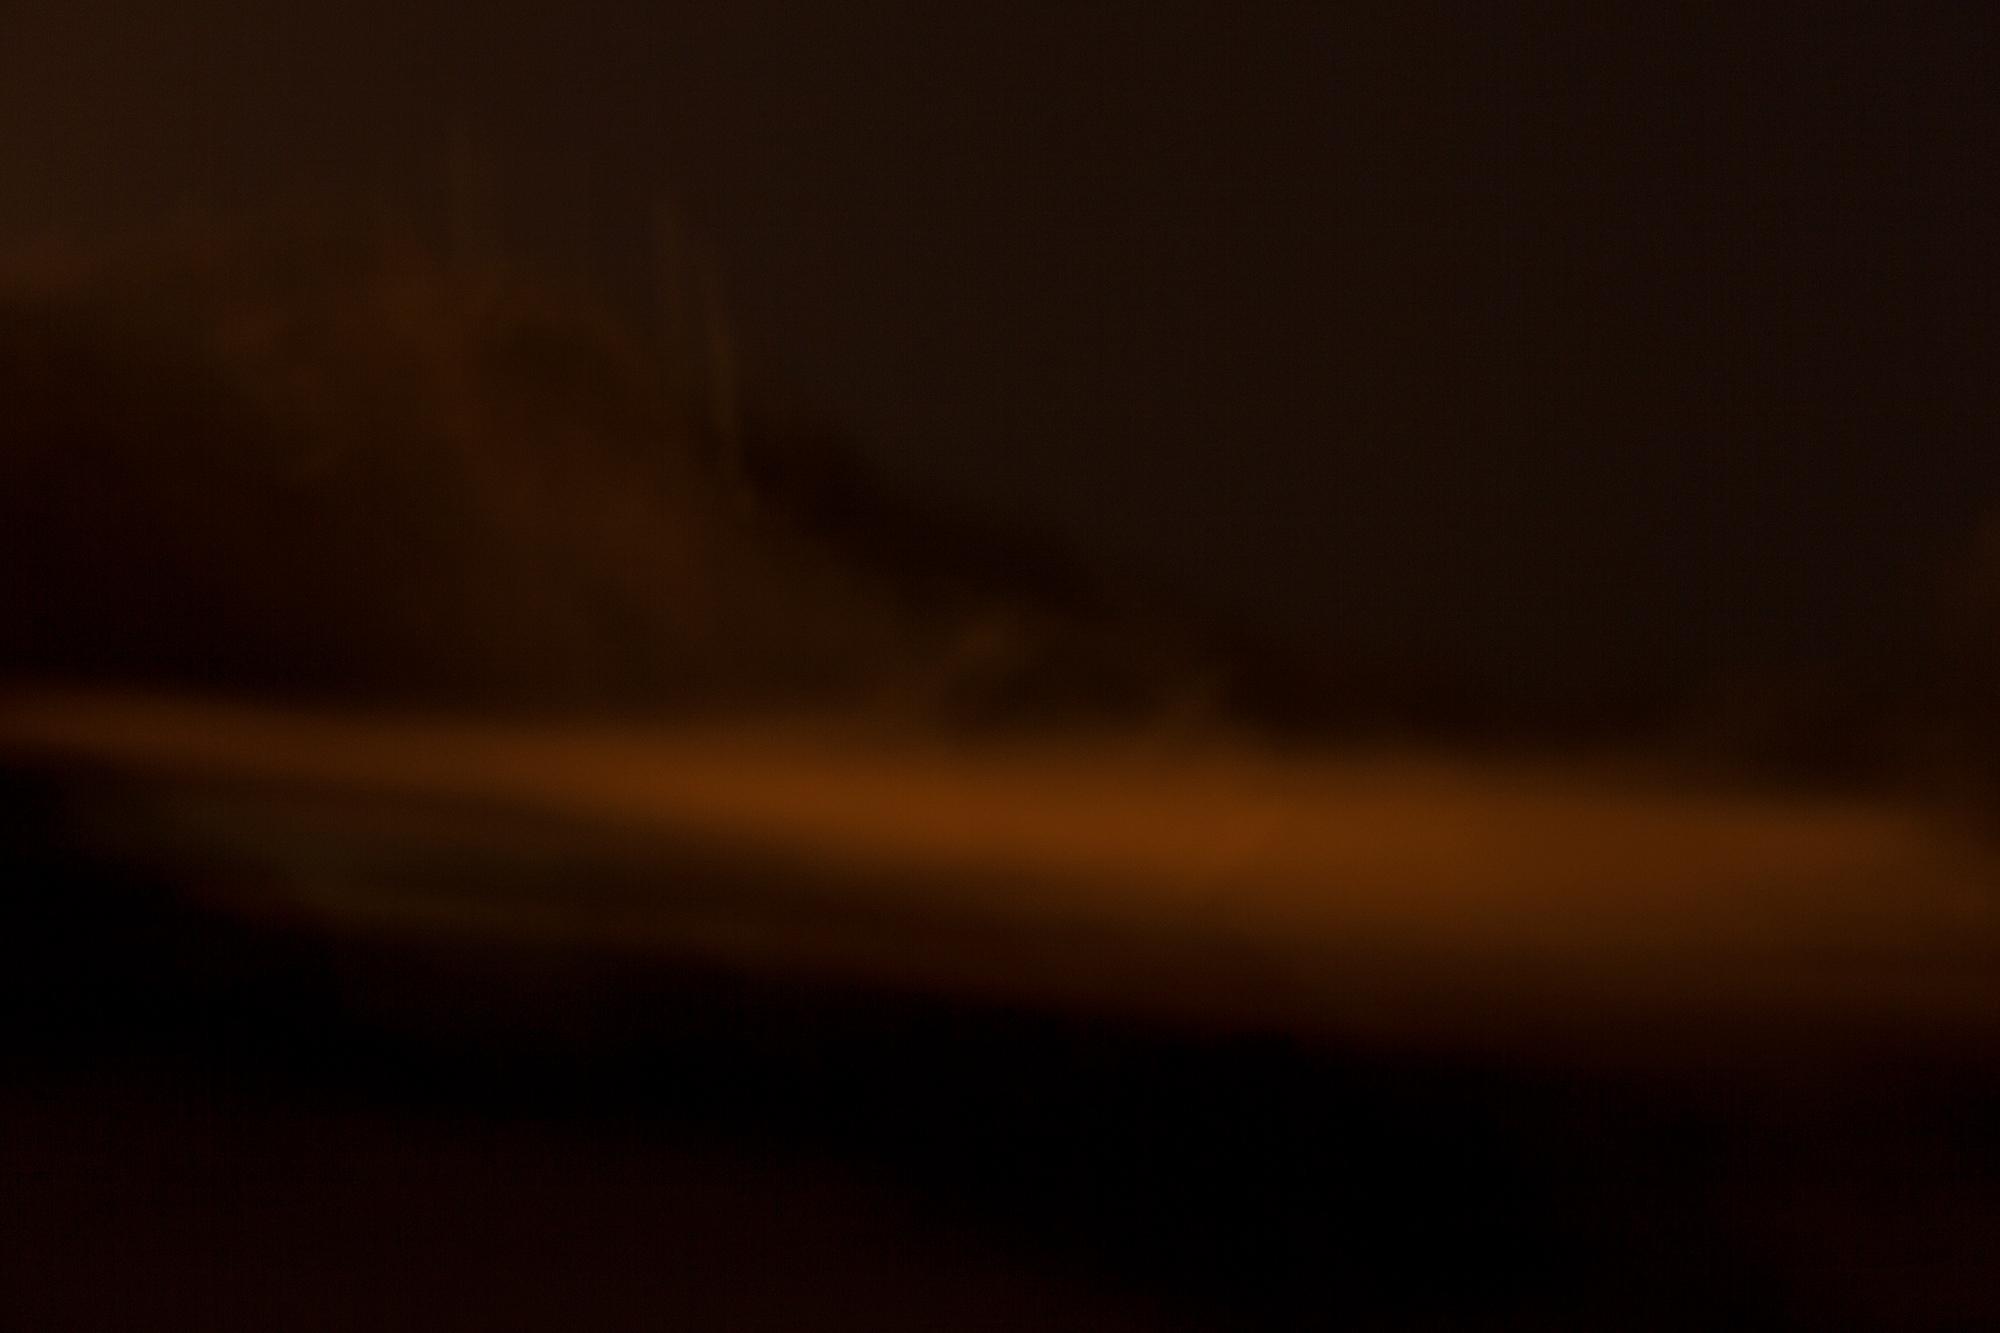 carina martins, vagueamos na noite sem sentido e somos devorados pelo fogo - arvore a noite